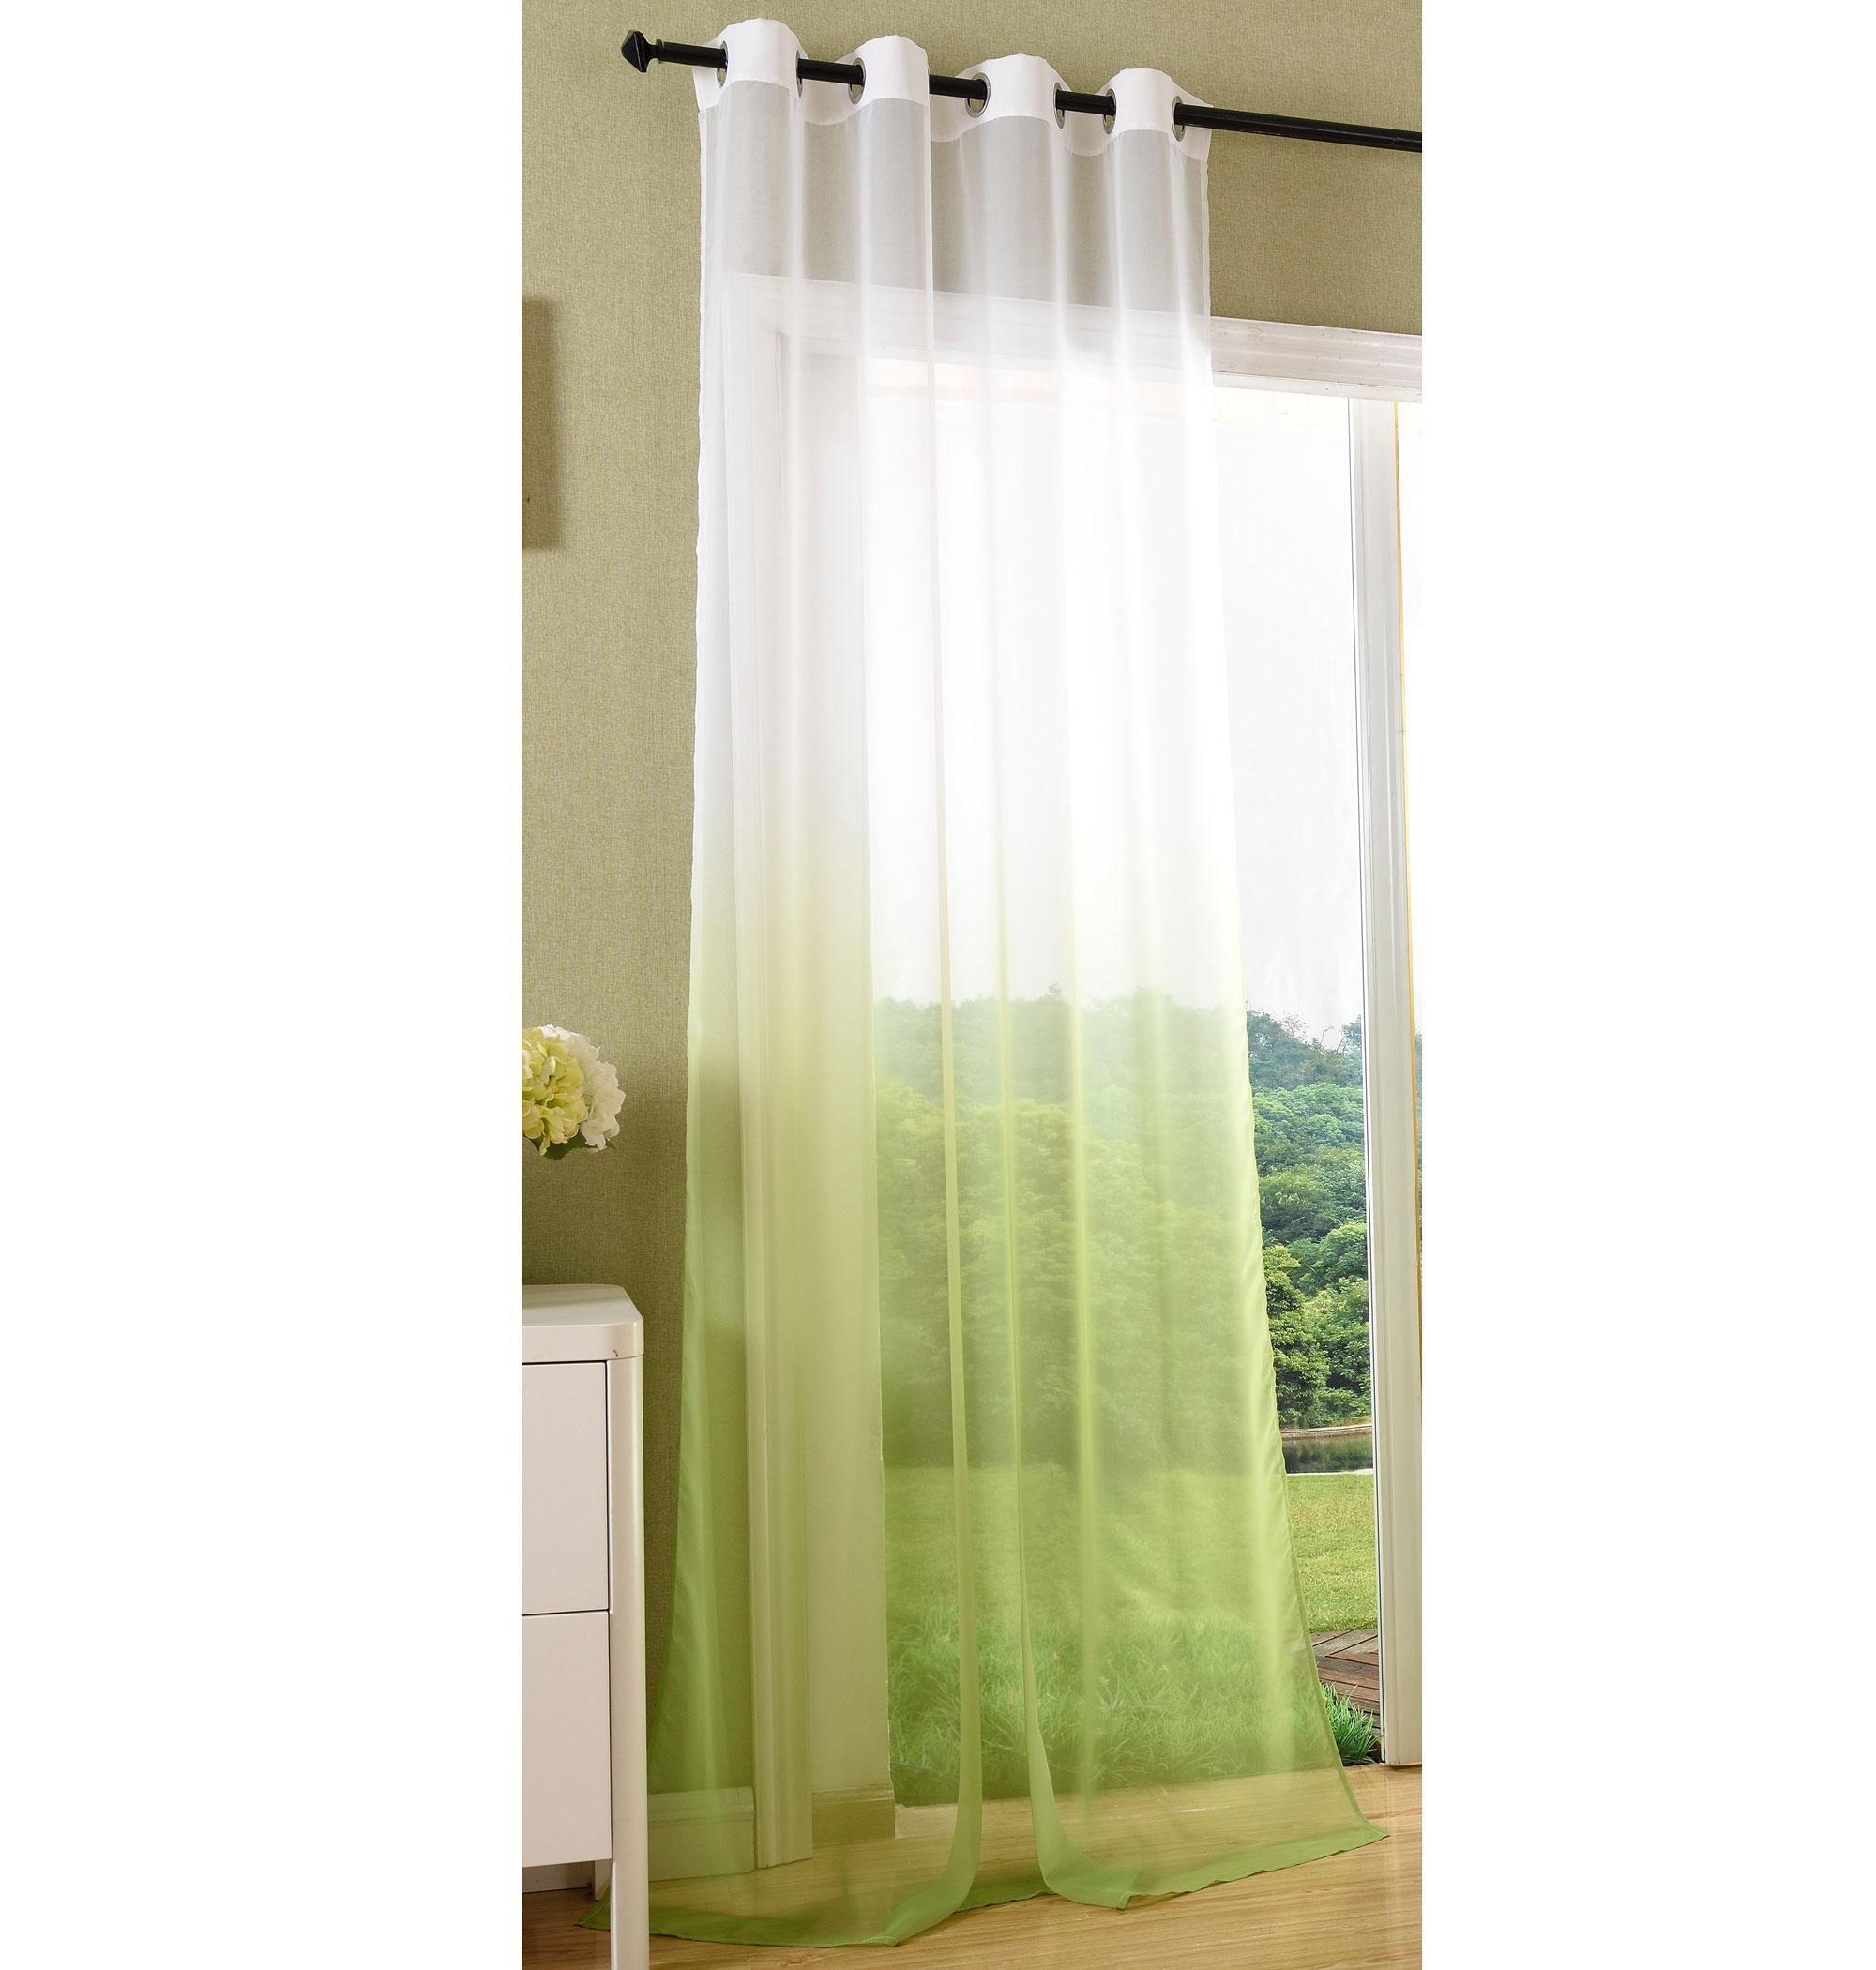 Brilliant Vorhänge Mit ösen Galerie Von Vorhang-transparent-schal-osen-gardine-voile-farbverlauf